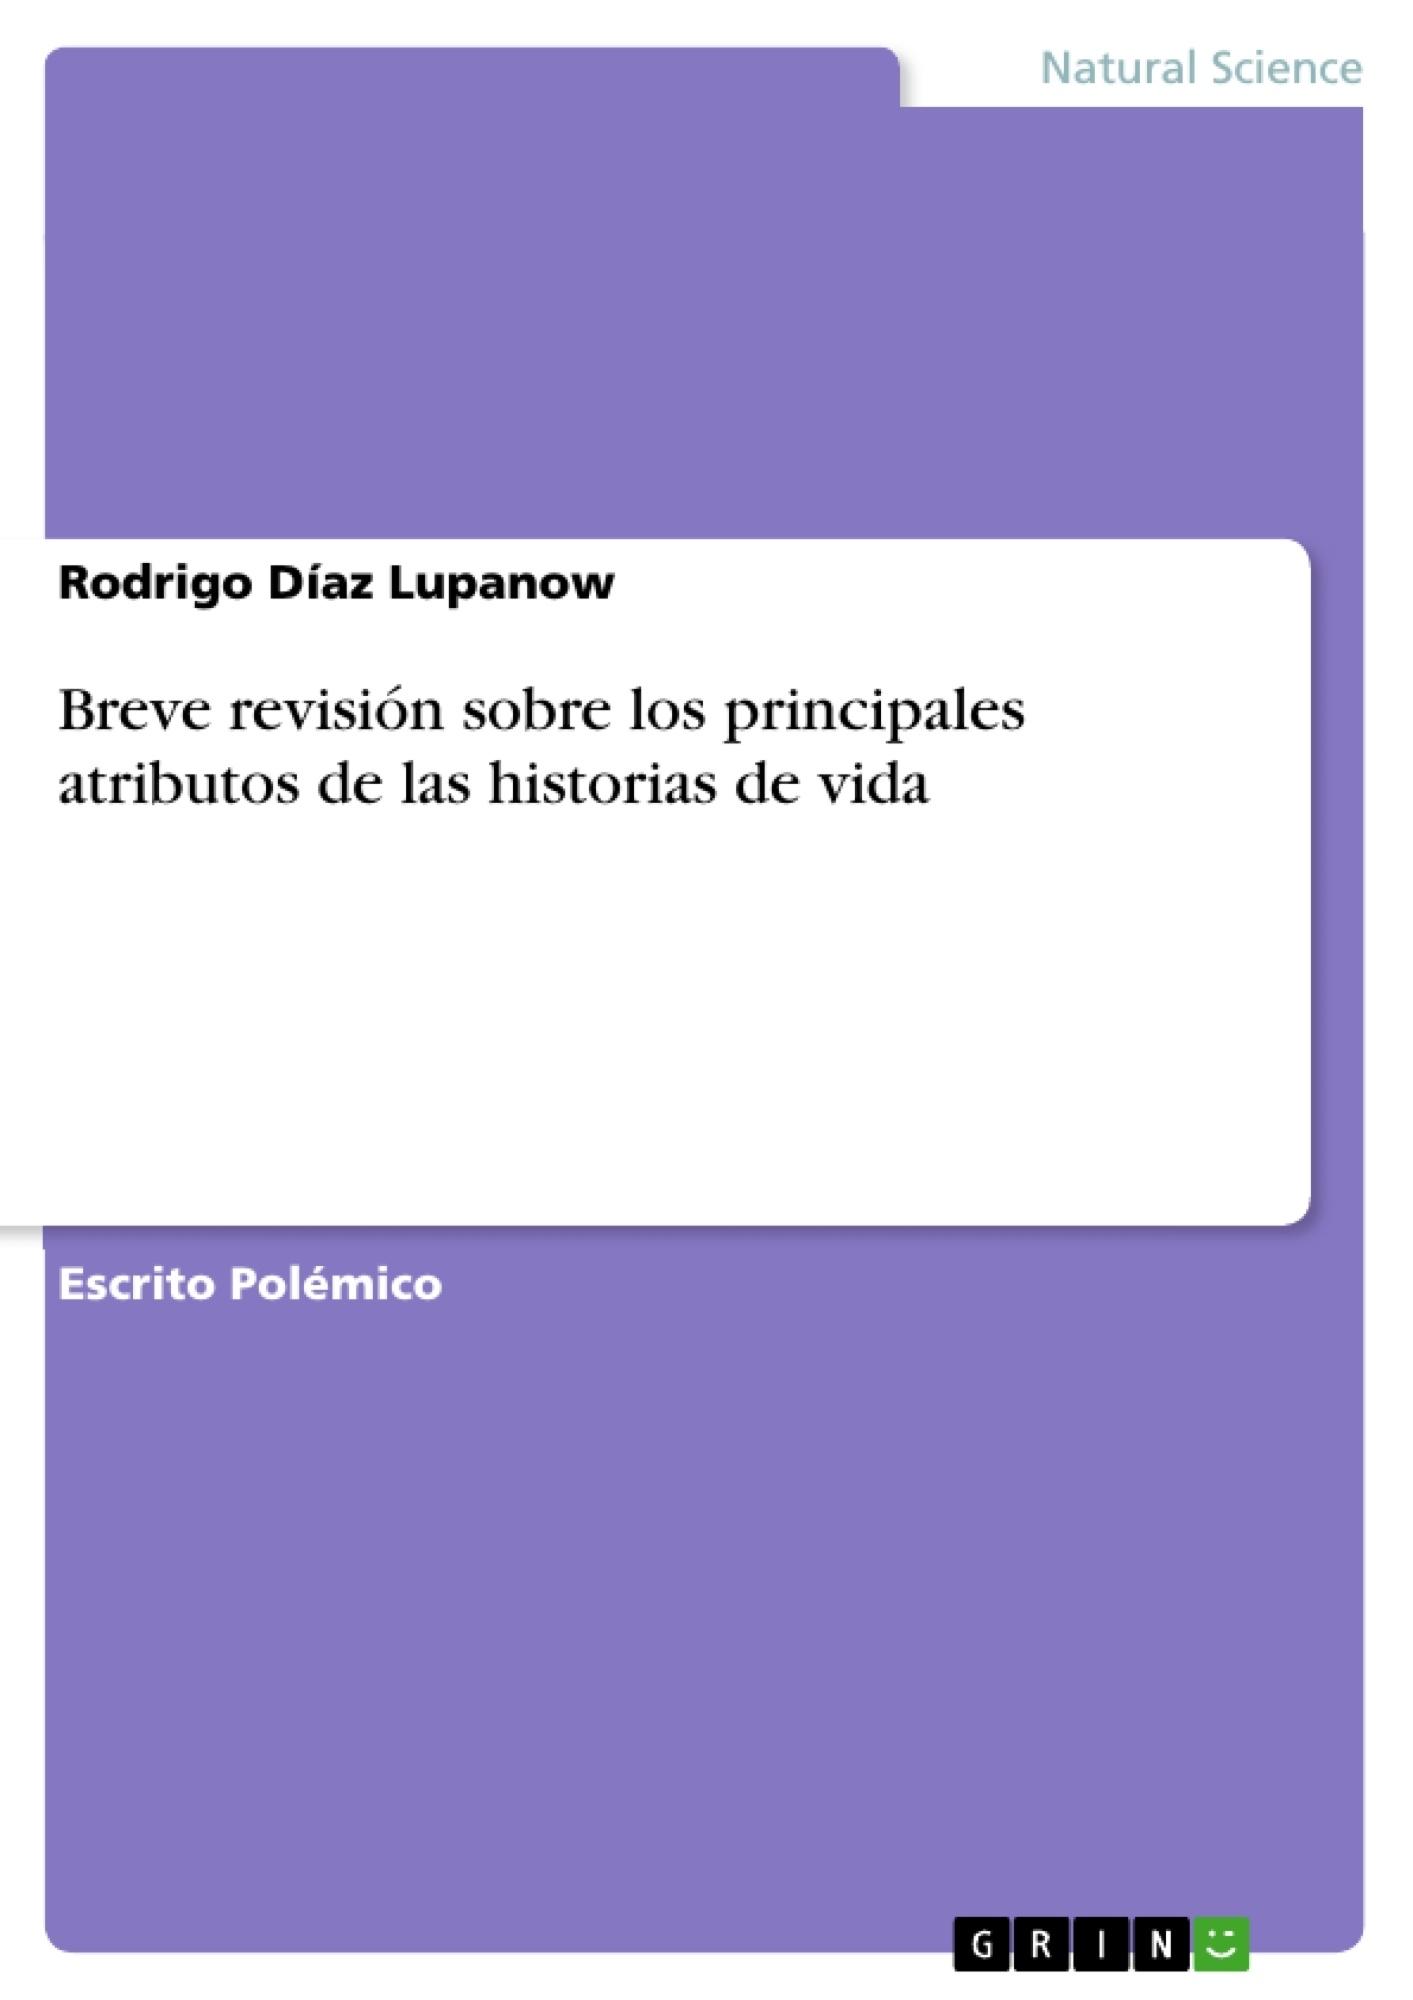 Título: Breve revisión sobre los principales atributos de las historias de vida